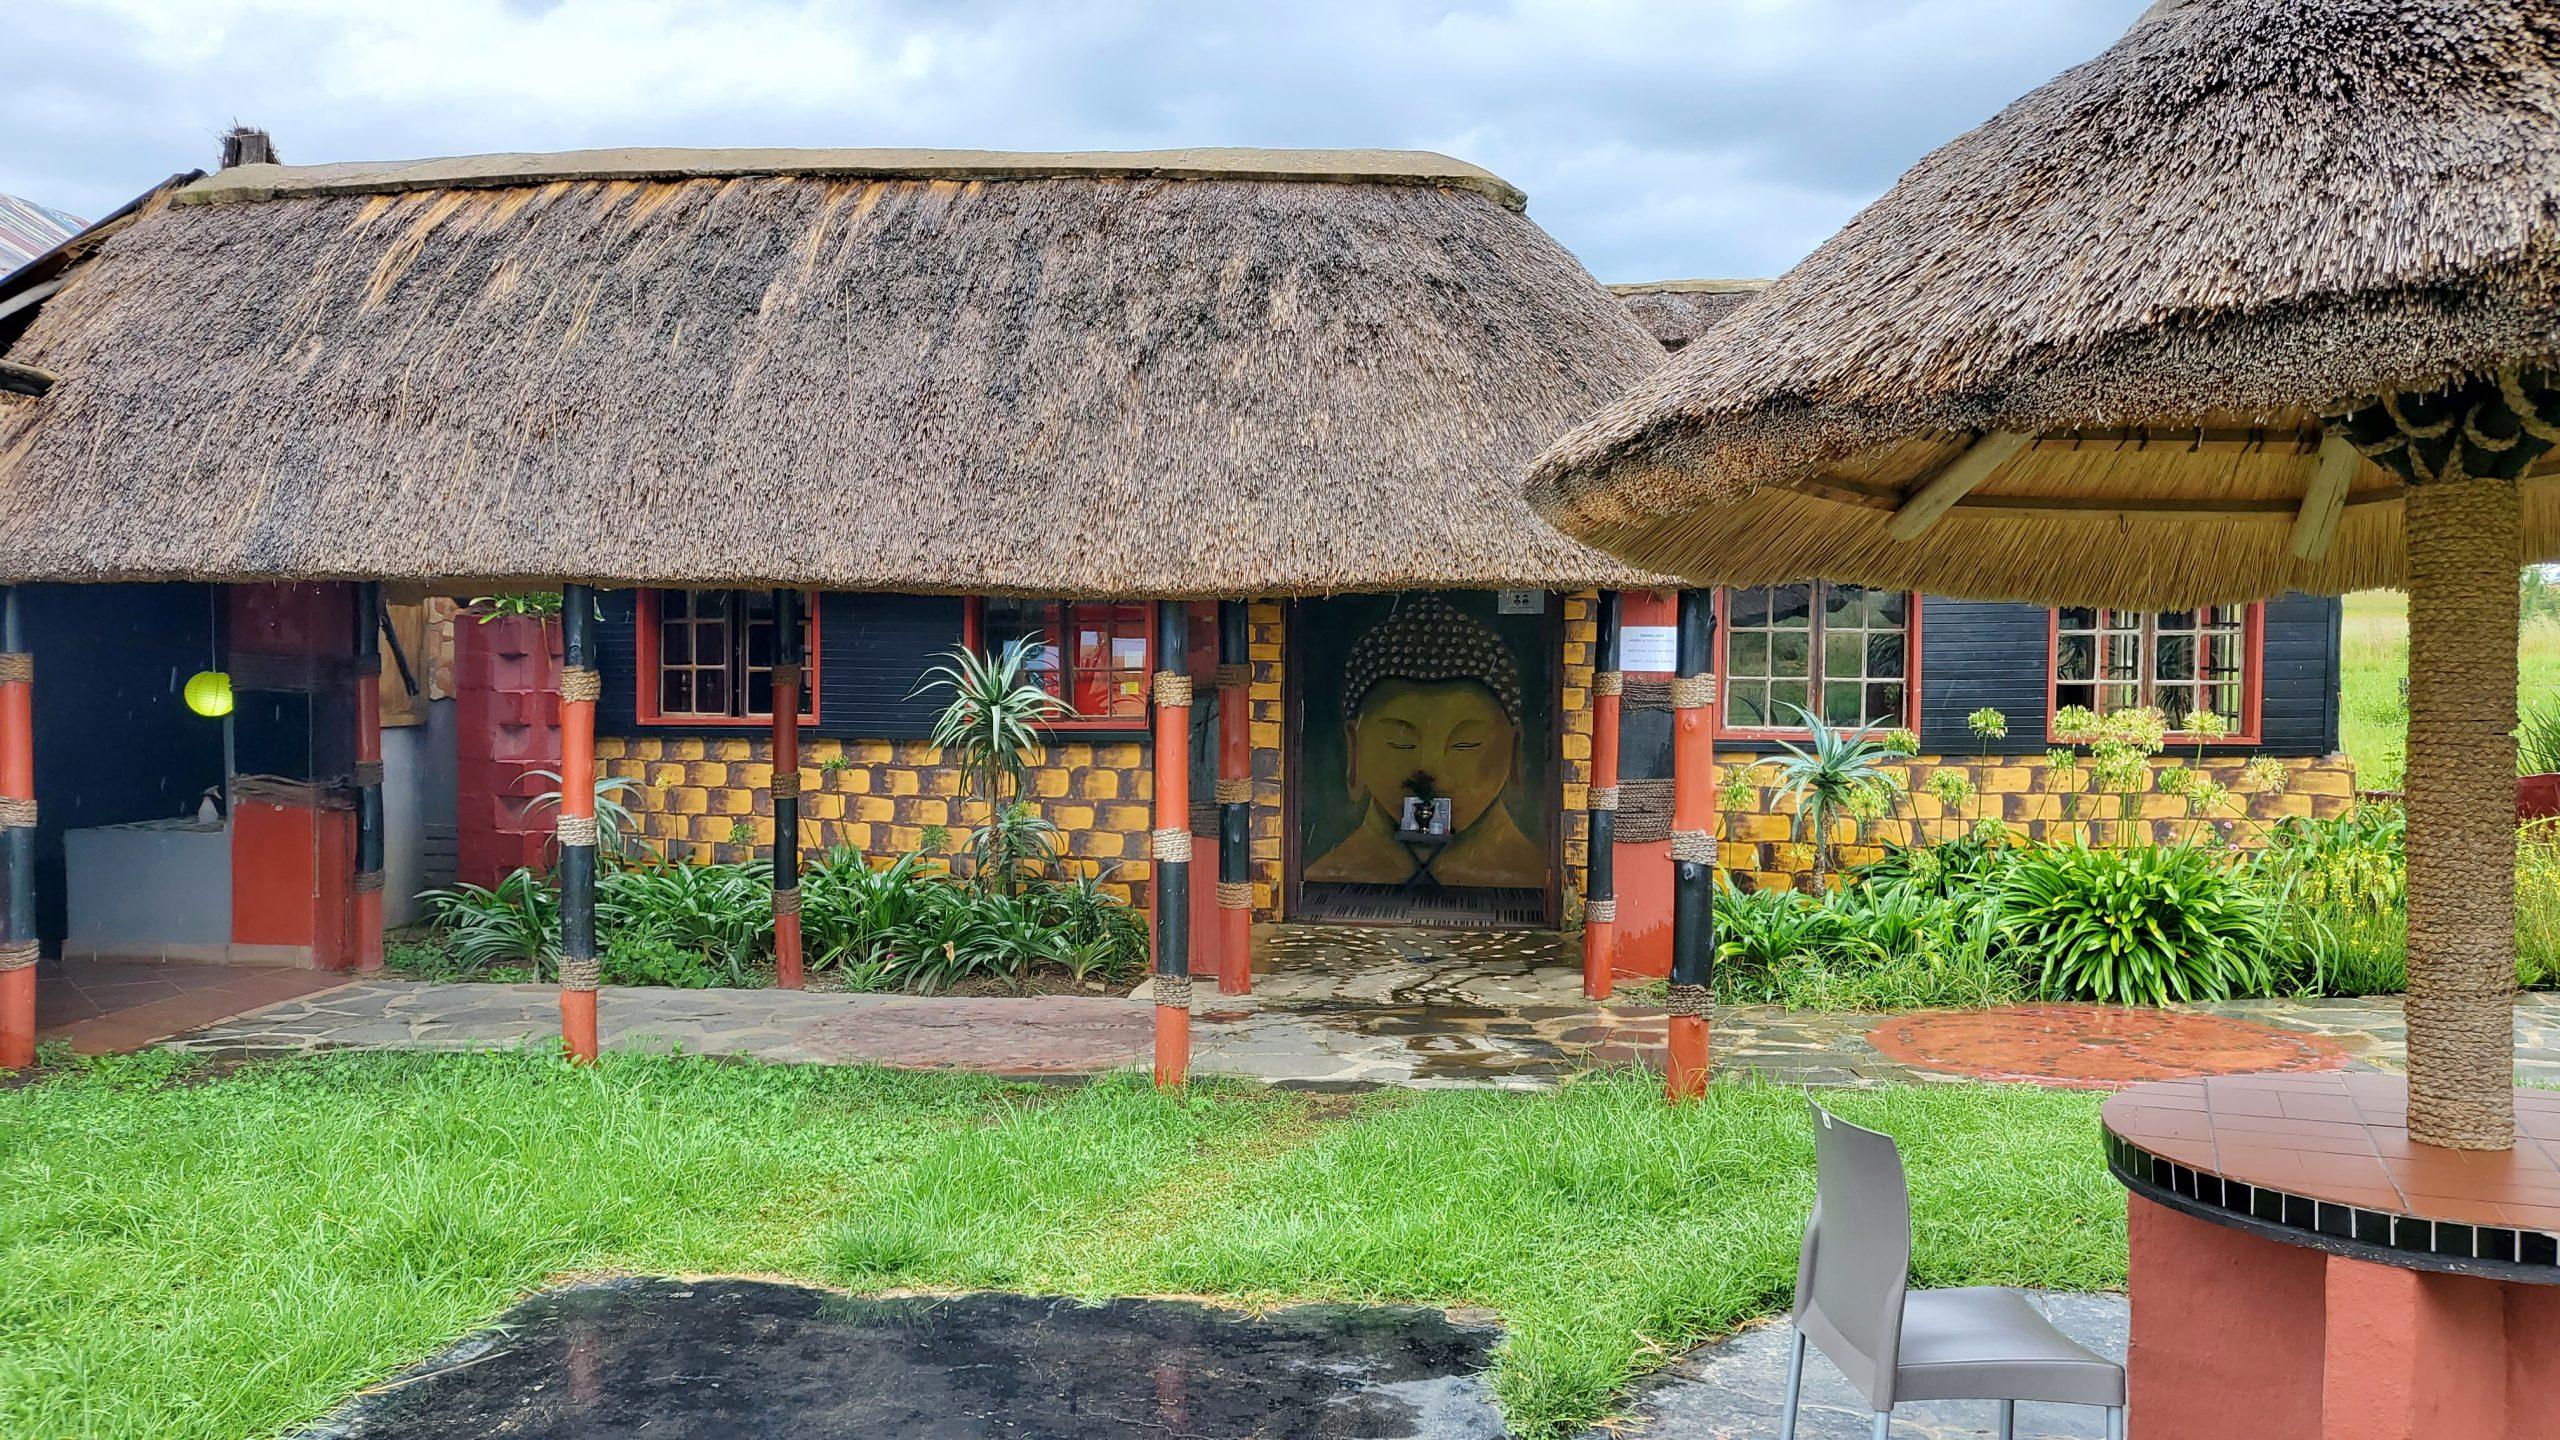 Restaurant in Central Drakensberg